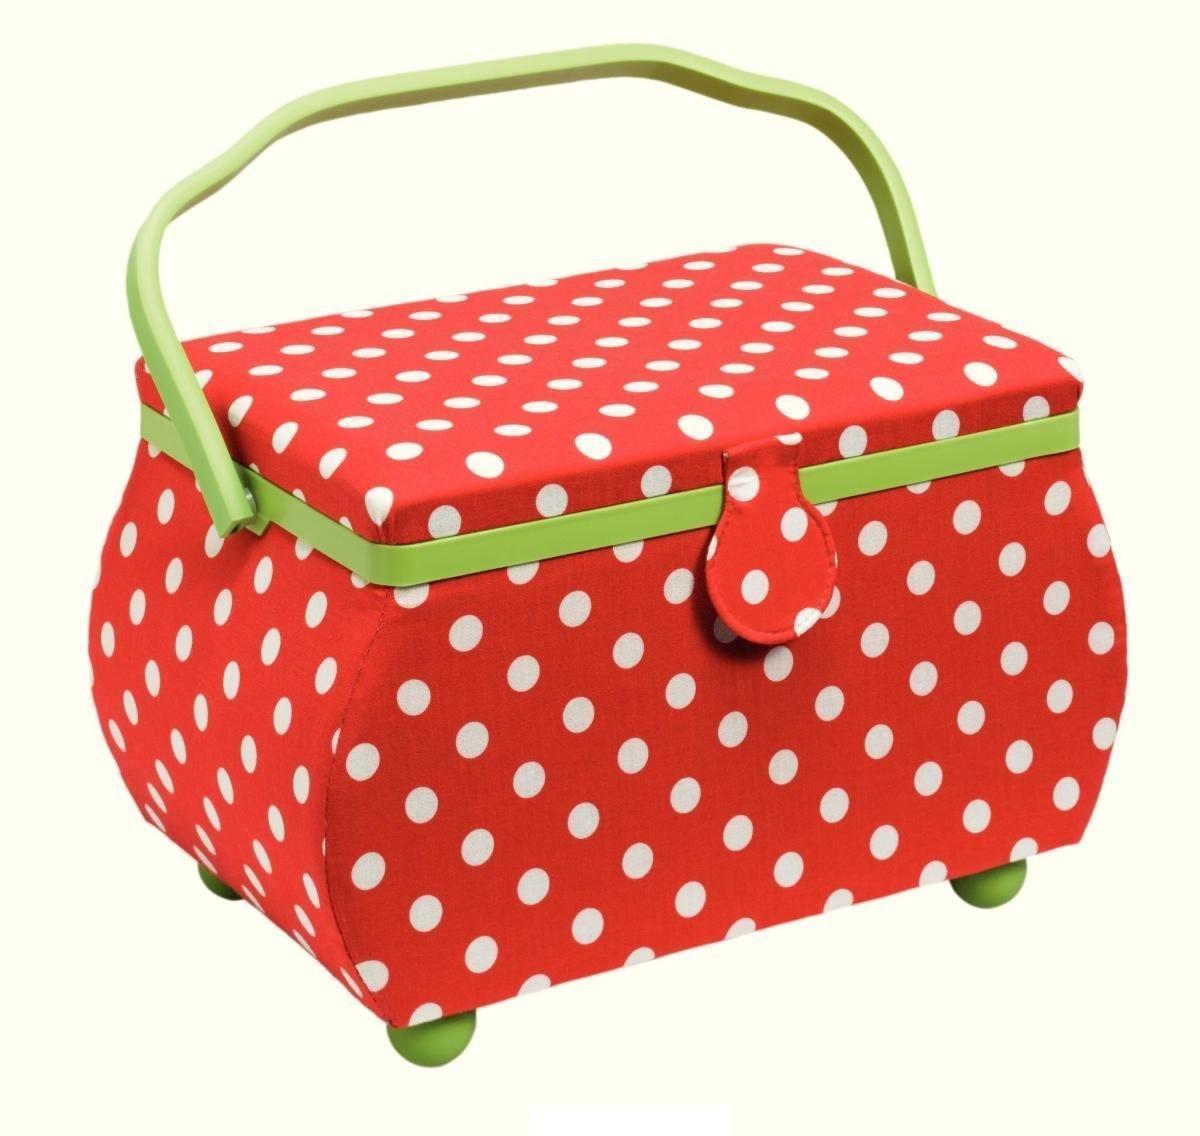 Шкатулка для рукоделия Polka dots (Горошек), цвет: красный, белый, зеленый, 32 см х 20,5 см х 20 смRG-D31SШкатулка для рукоделия в форме корзины. Выполнена в отличном дизайне с дуба темного цвета. Здесь вы можете хранить множество безделушек для своего любимого занятия. Отличный подарок на праздник для человека, которого вы любите и уважаете.